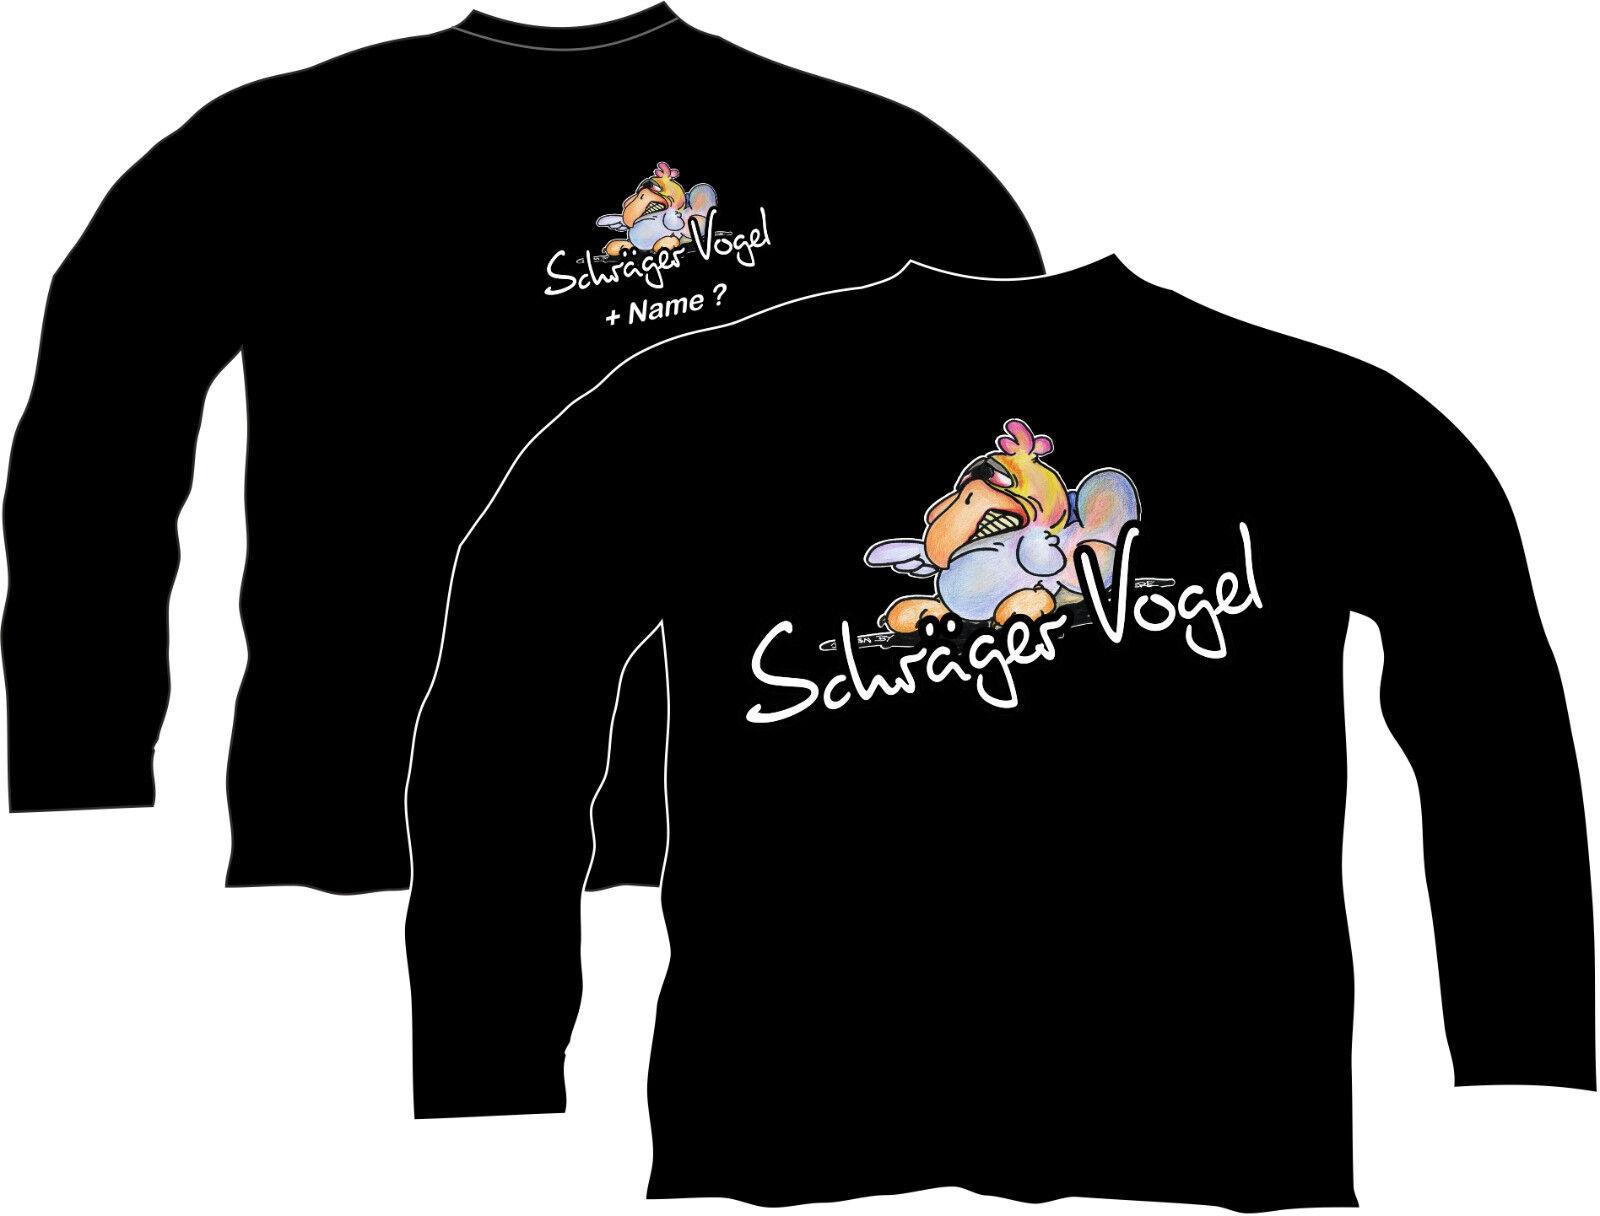 T-Shirt Schräger Schräger Schräger Vogel Kapuzensweatshirt Pullover Sweatshirt Funshirt Party 76 | Qualität und Quantität garantiert  | Hohe Qualität und Wirtschaftlichkeit  72669b